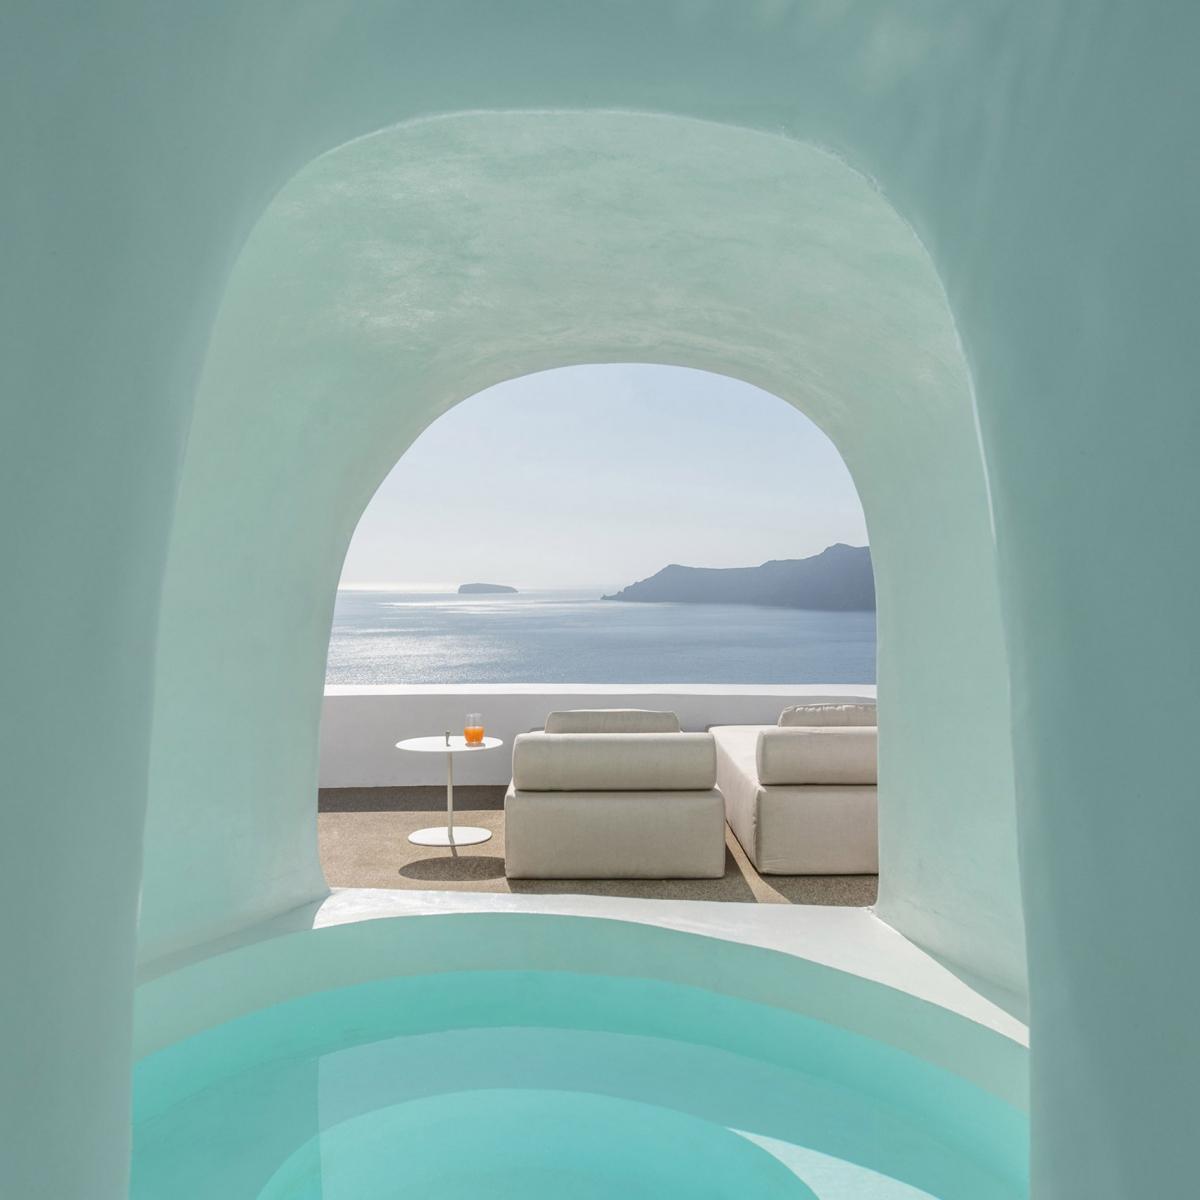 Khách sạn Saint ở Hy Lạp bởi kiến trúc sư Kapsimalis. Ông đã đào một ngọn núi đá ở Santorini để xây dựng một khách sạn độc đáo với tầm nhìn ra biển.